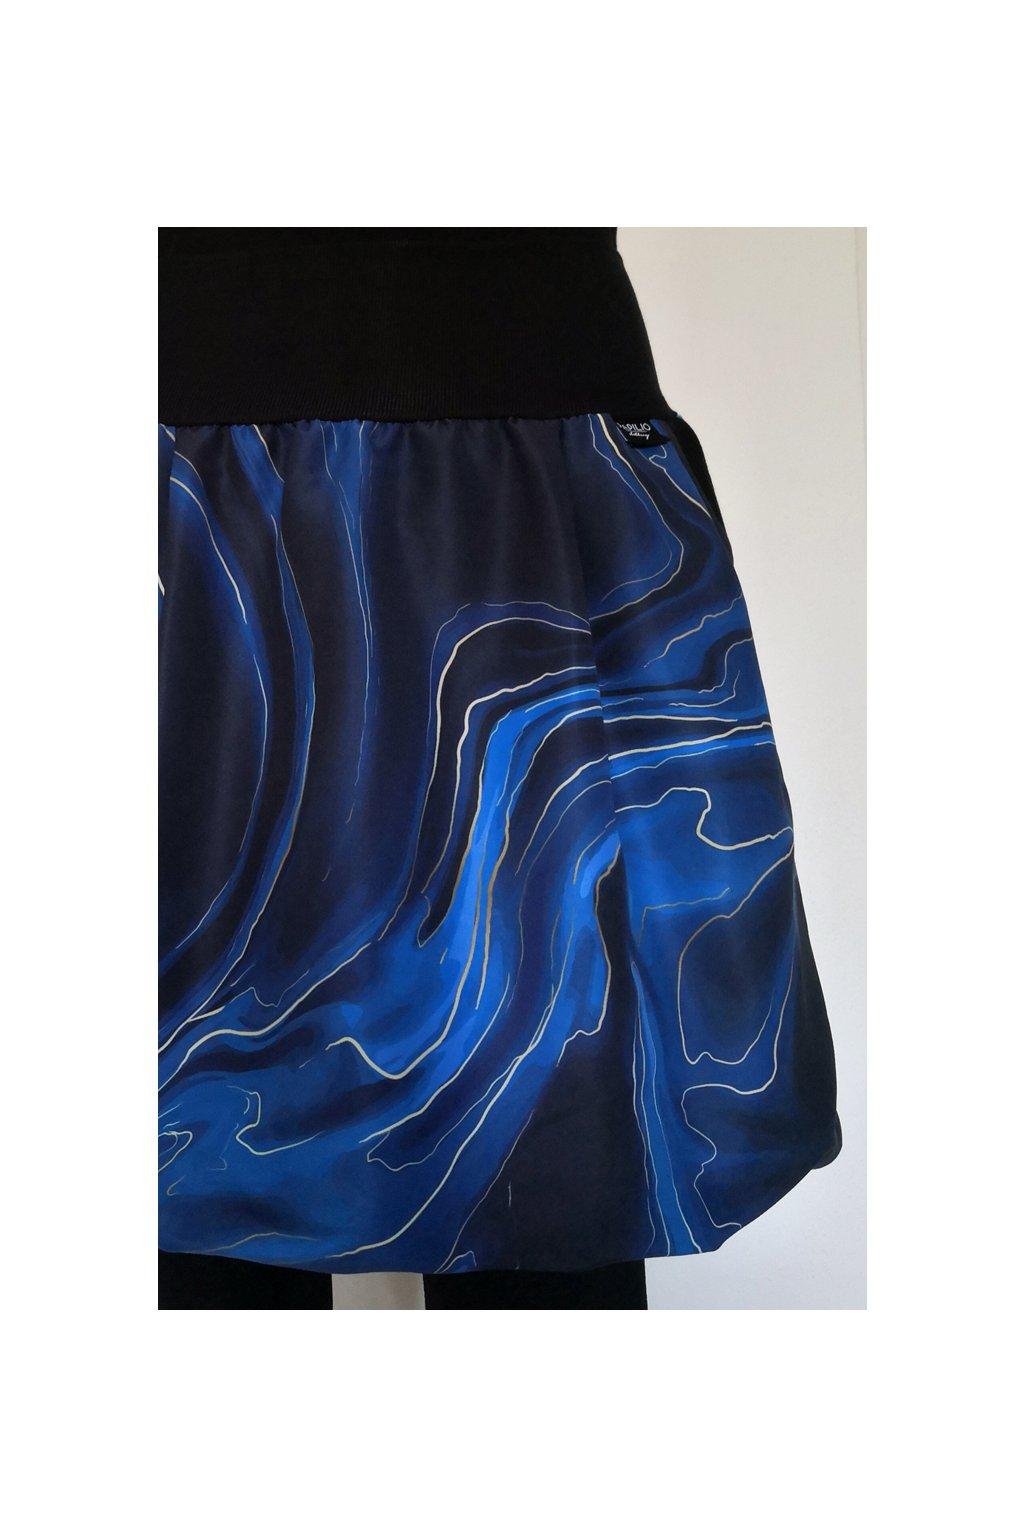 Balonová sukně Mramor | micropeach